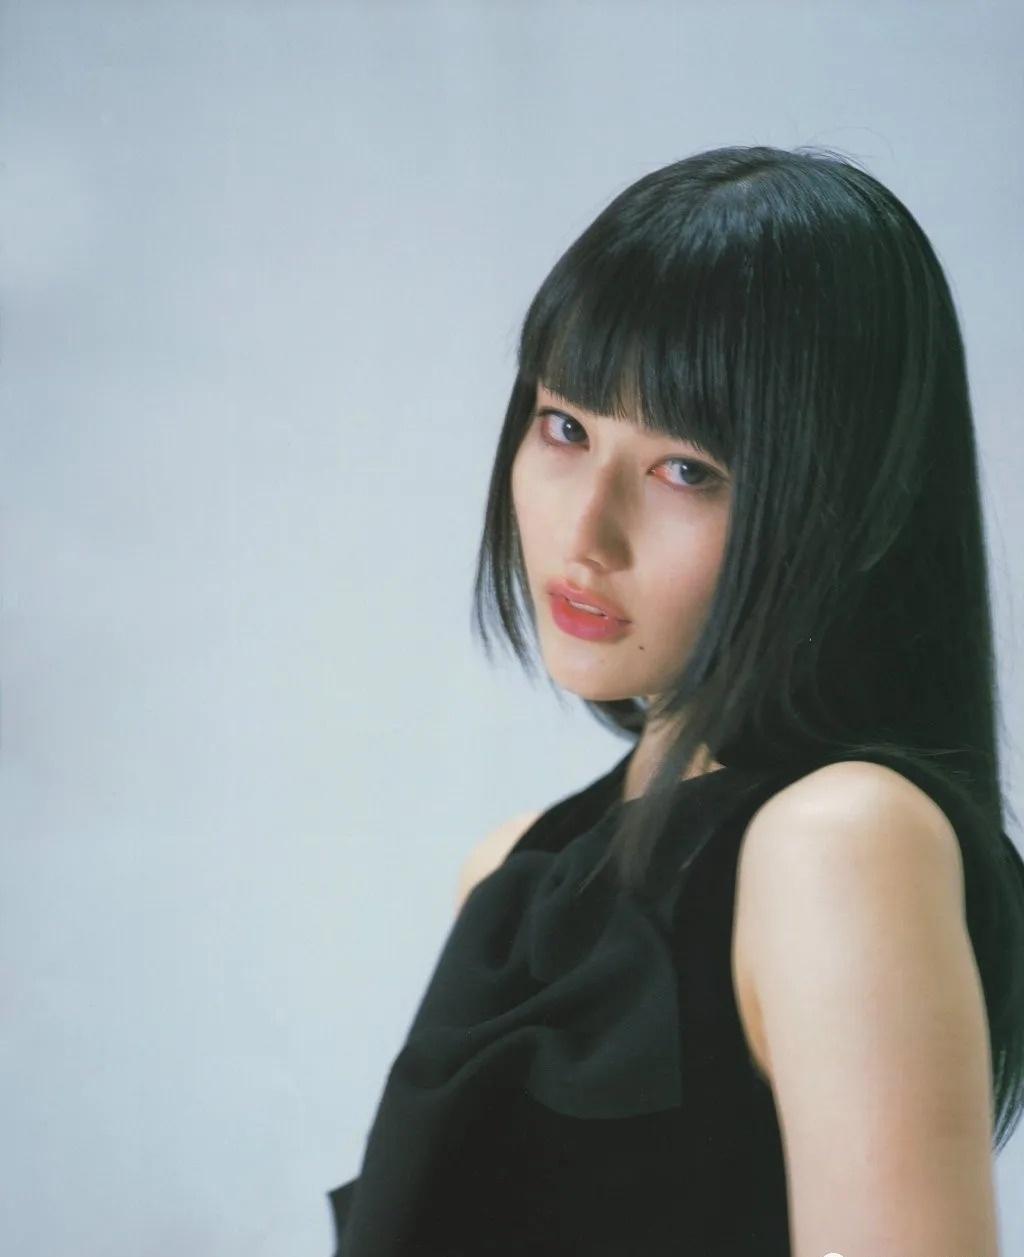 日本最强美少女桥本爱能否重回昔日辉煌让大家拭目以待 (9)